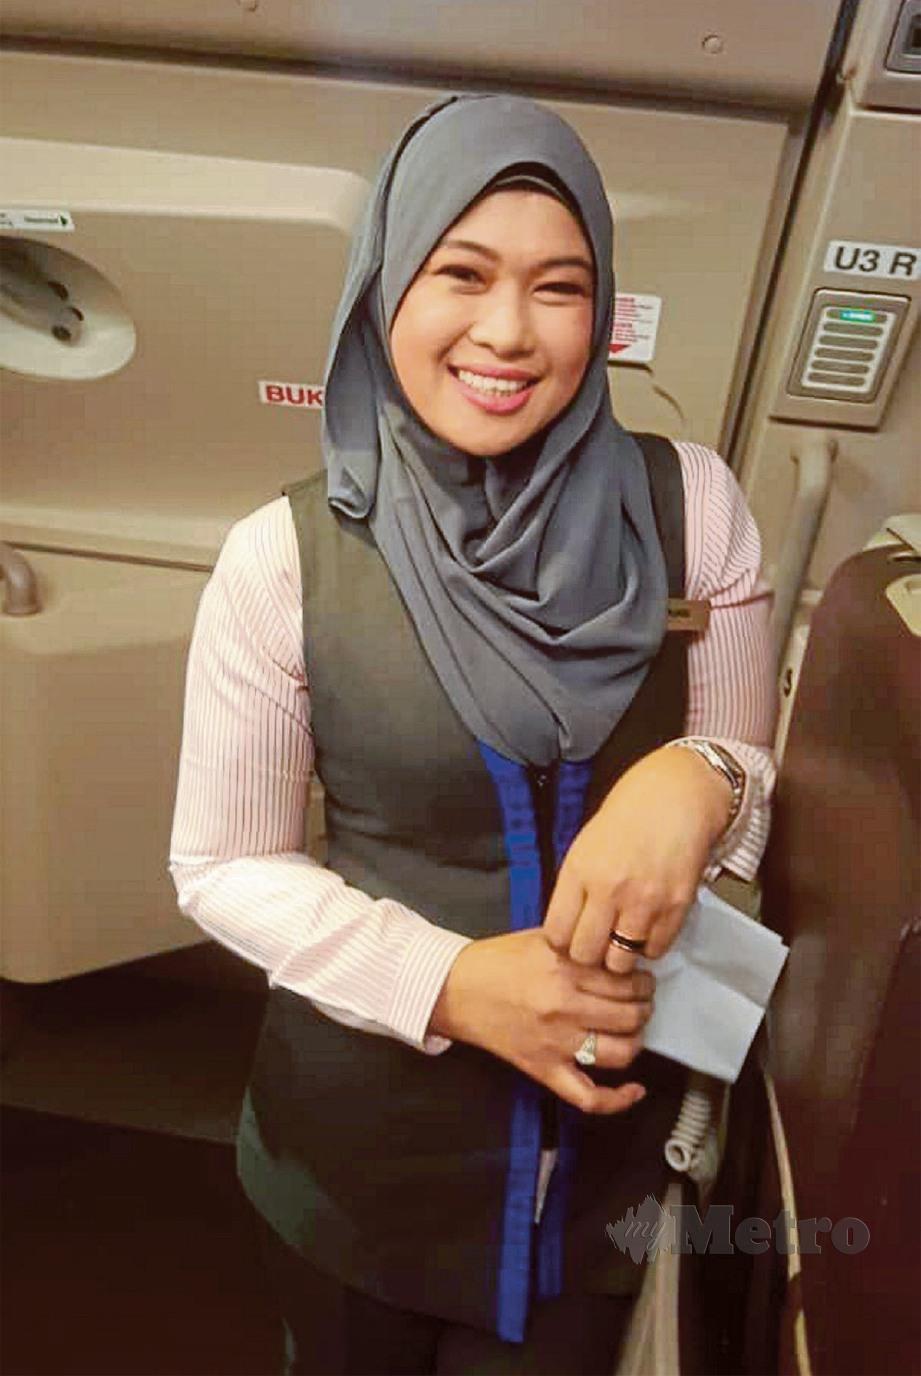 DIGELAR Kru Berhijab, pramugari Amal iaitu anak syarikat Malaysia Airlines Berhad yang khusus untuk penerbangan sewaan umrah dan haji, Norlinda Mohd Noor, 43. FOTO Yusri Abdul Malek